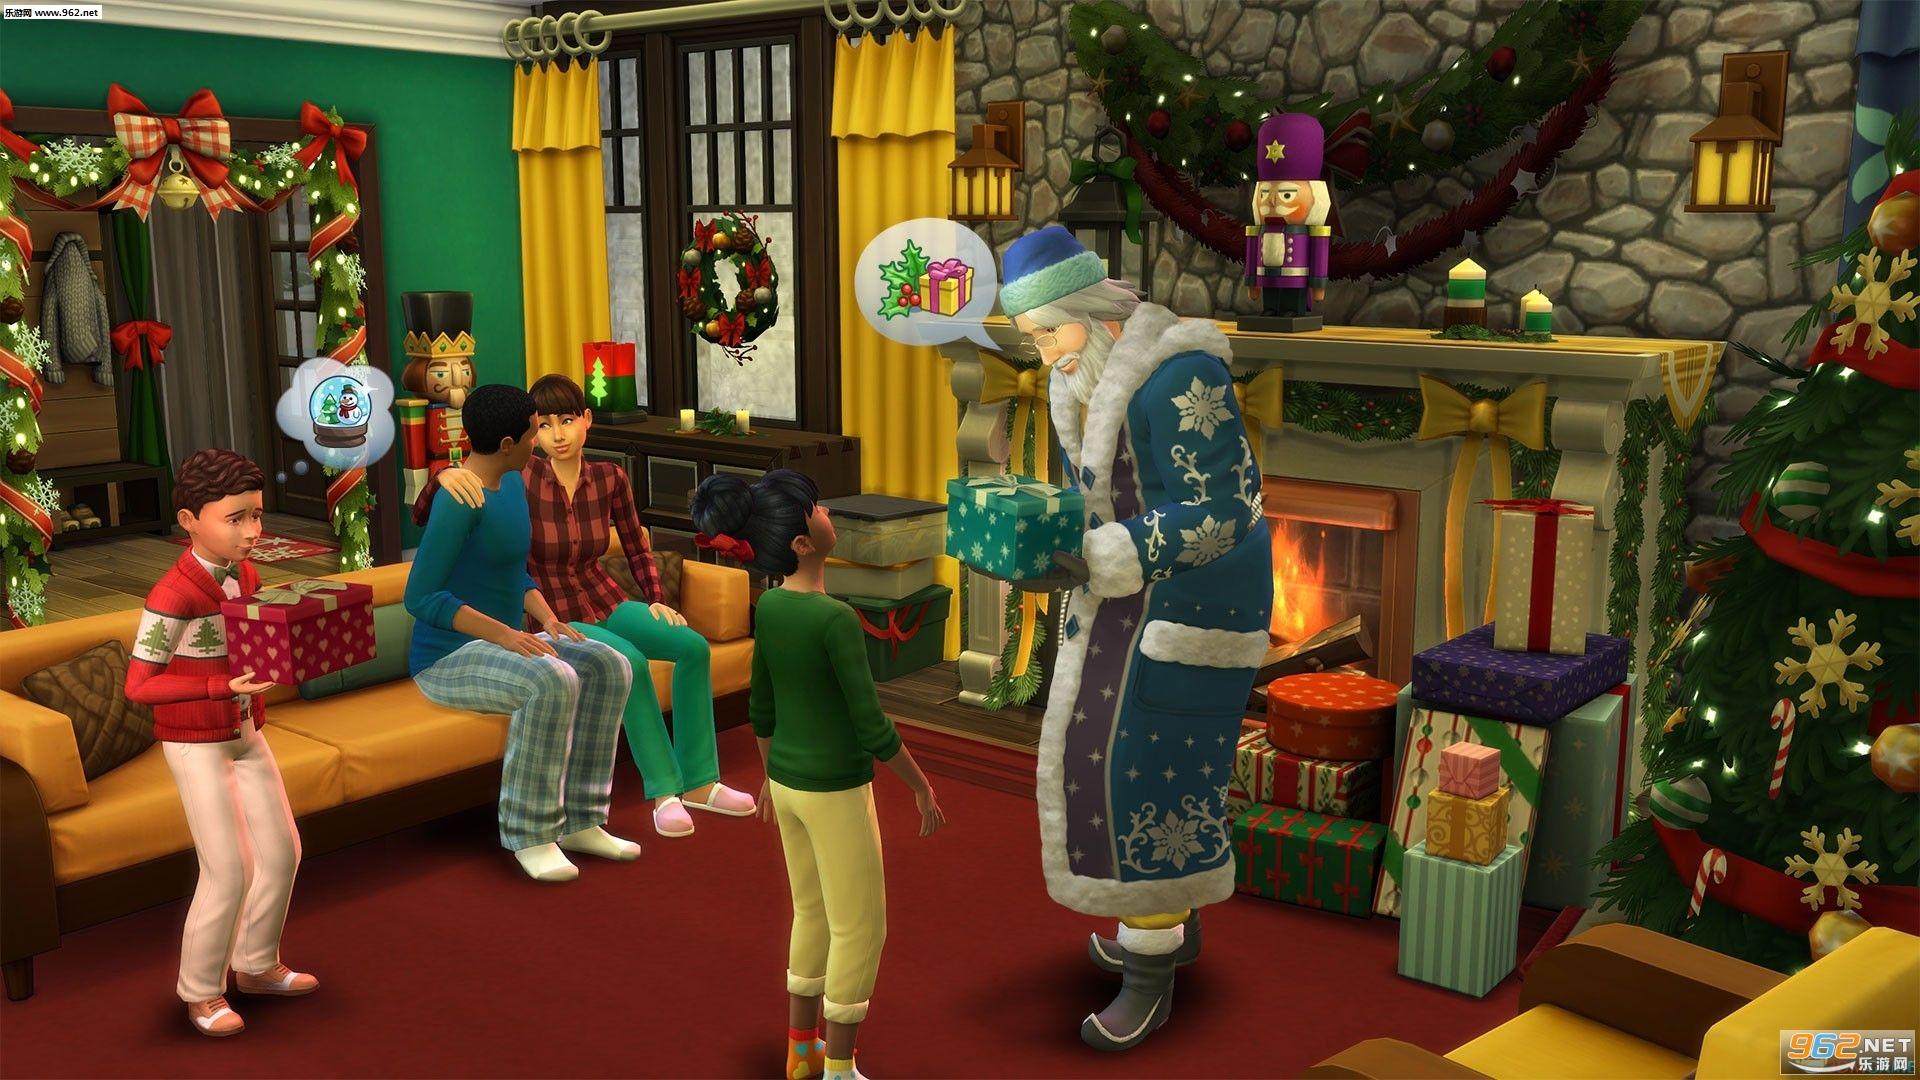 模拟人生4:春夏秋冬(The Sims 4: Seasons)DLC合集版截图3